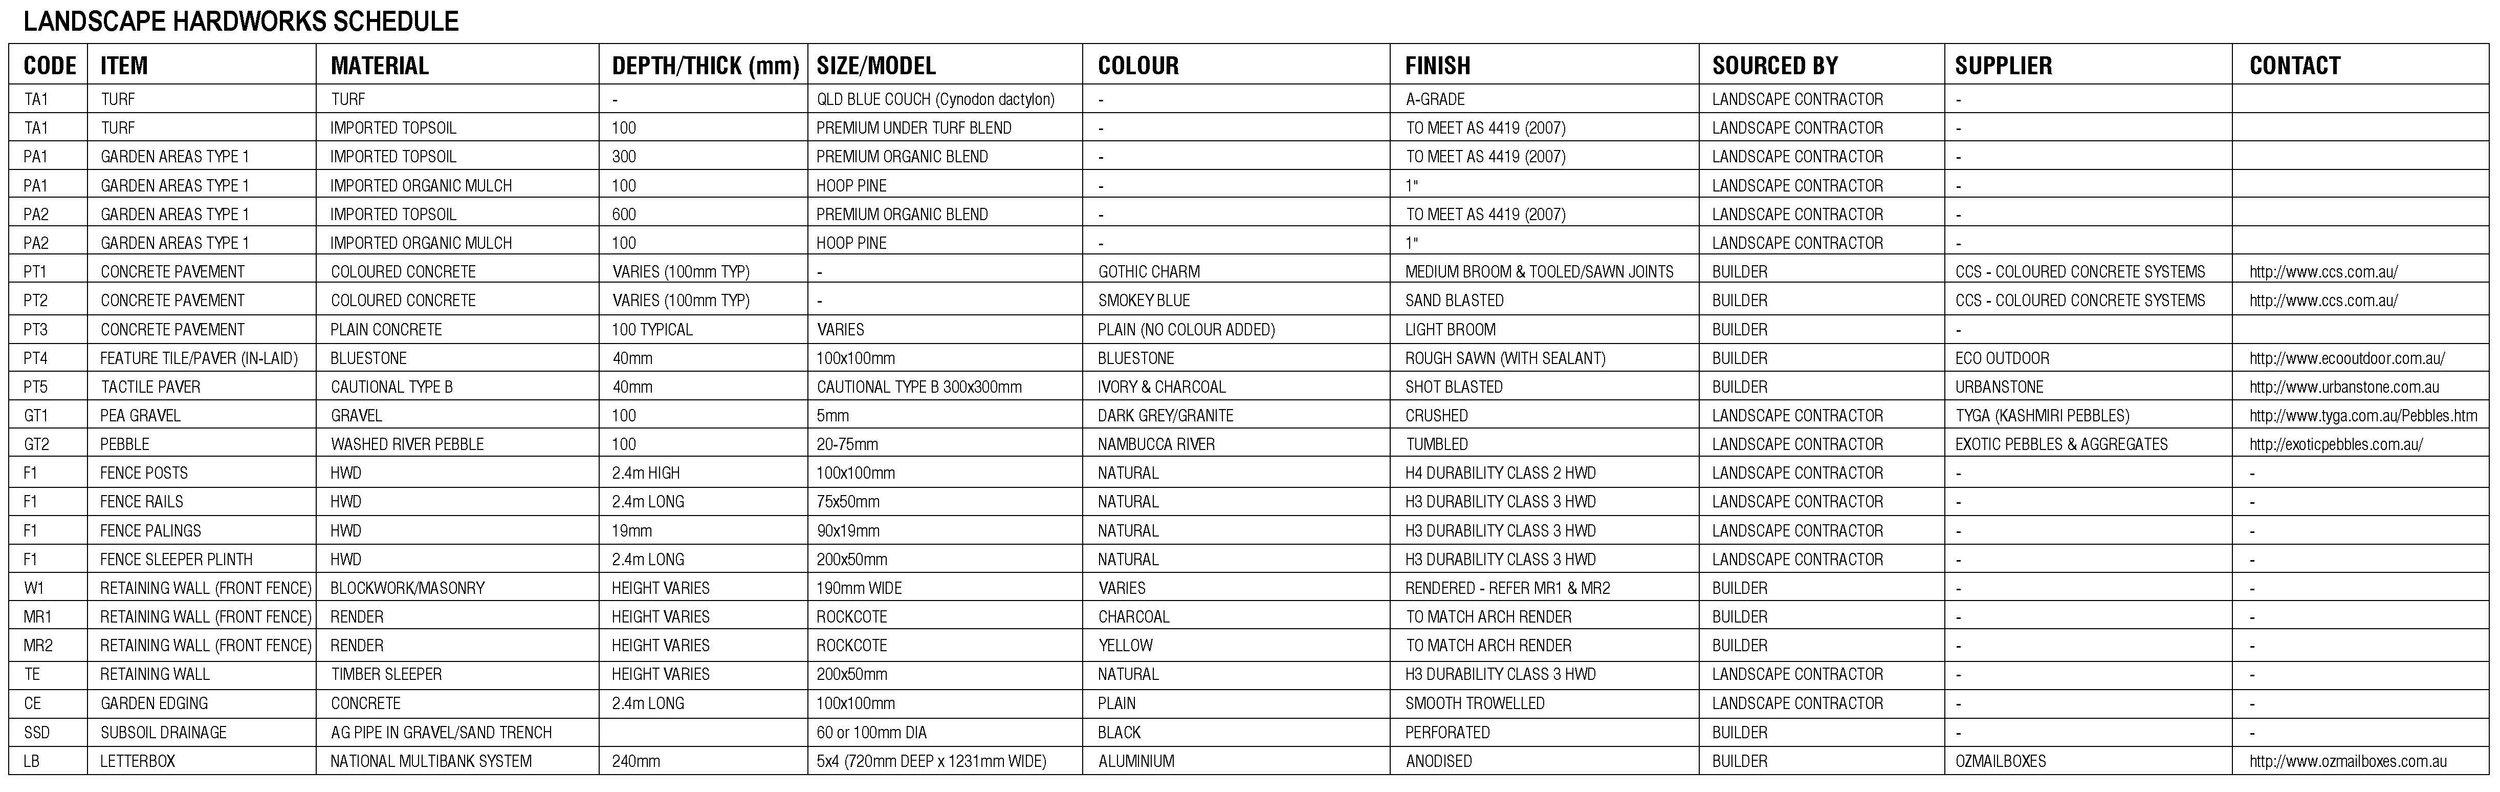 Materials Schedule